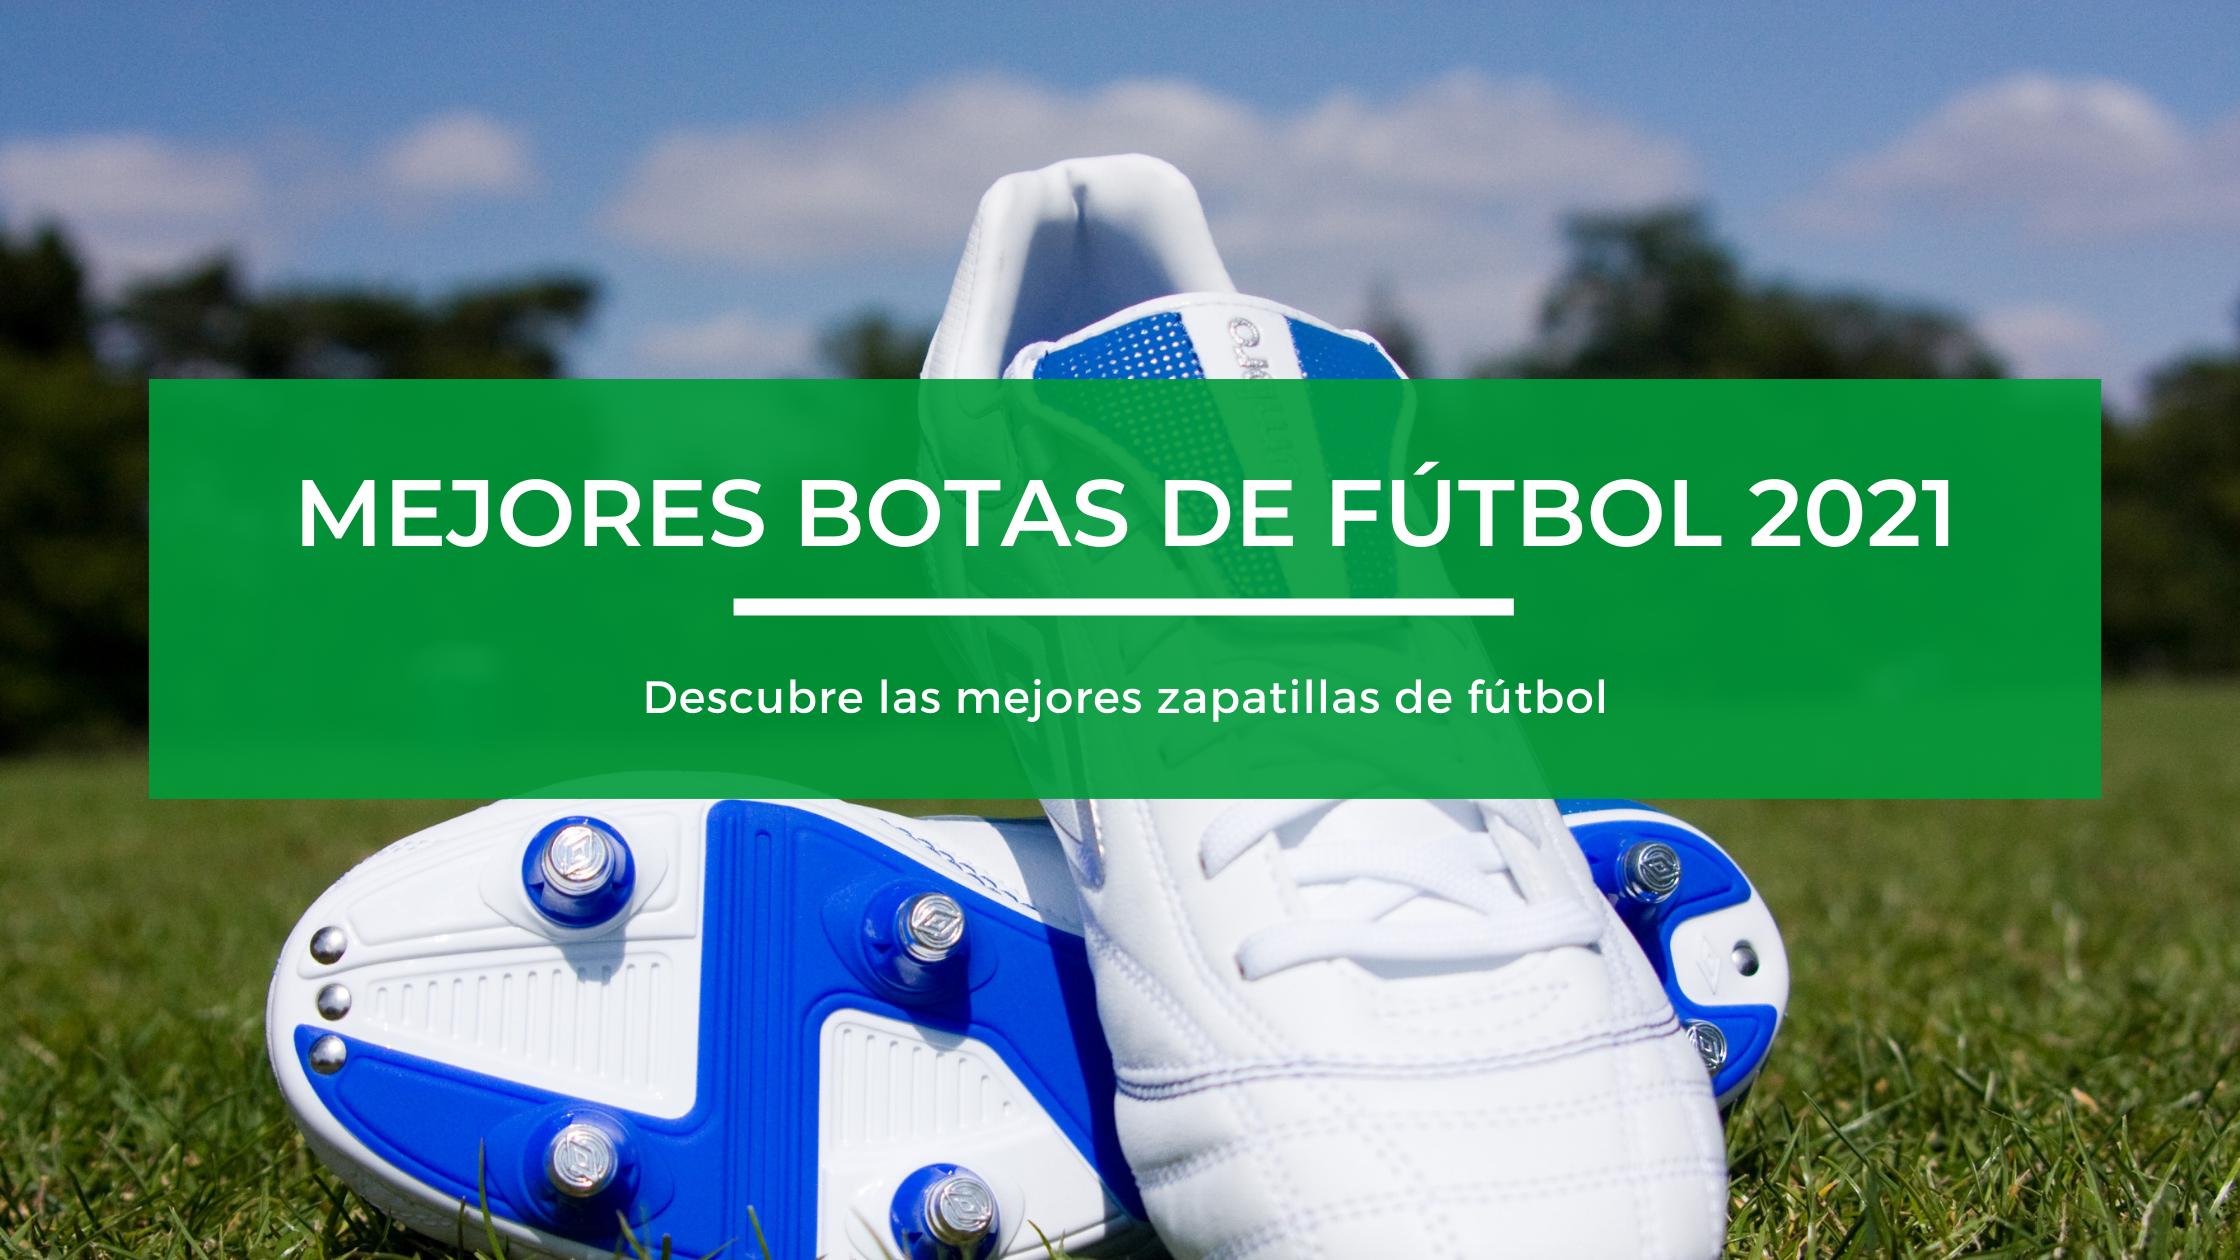 Mejores botas de fútbol 2021